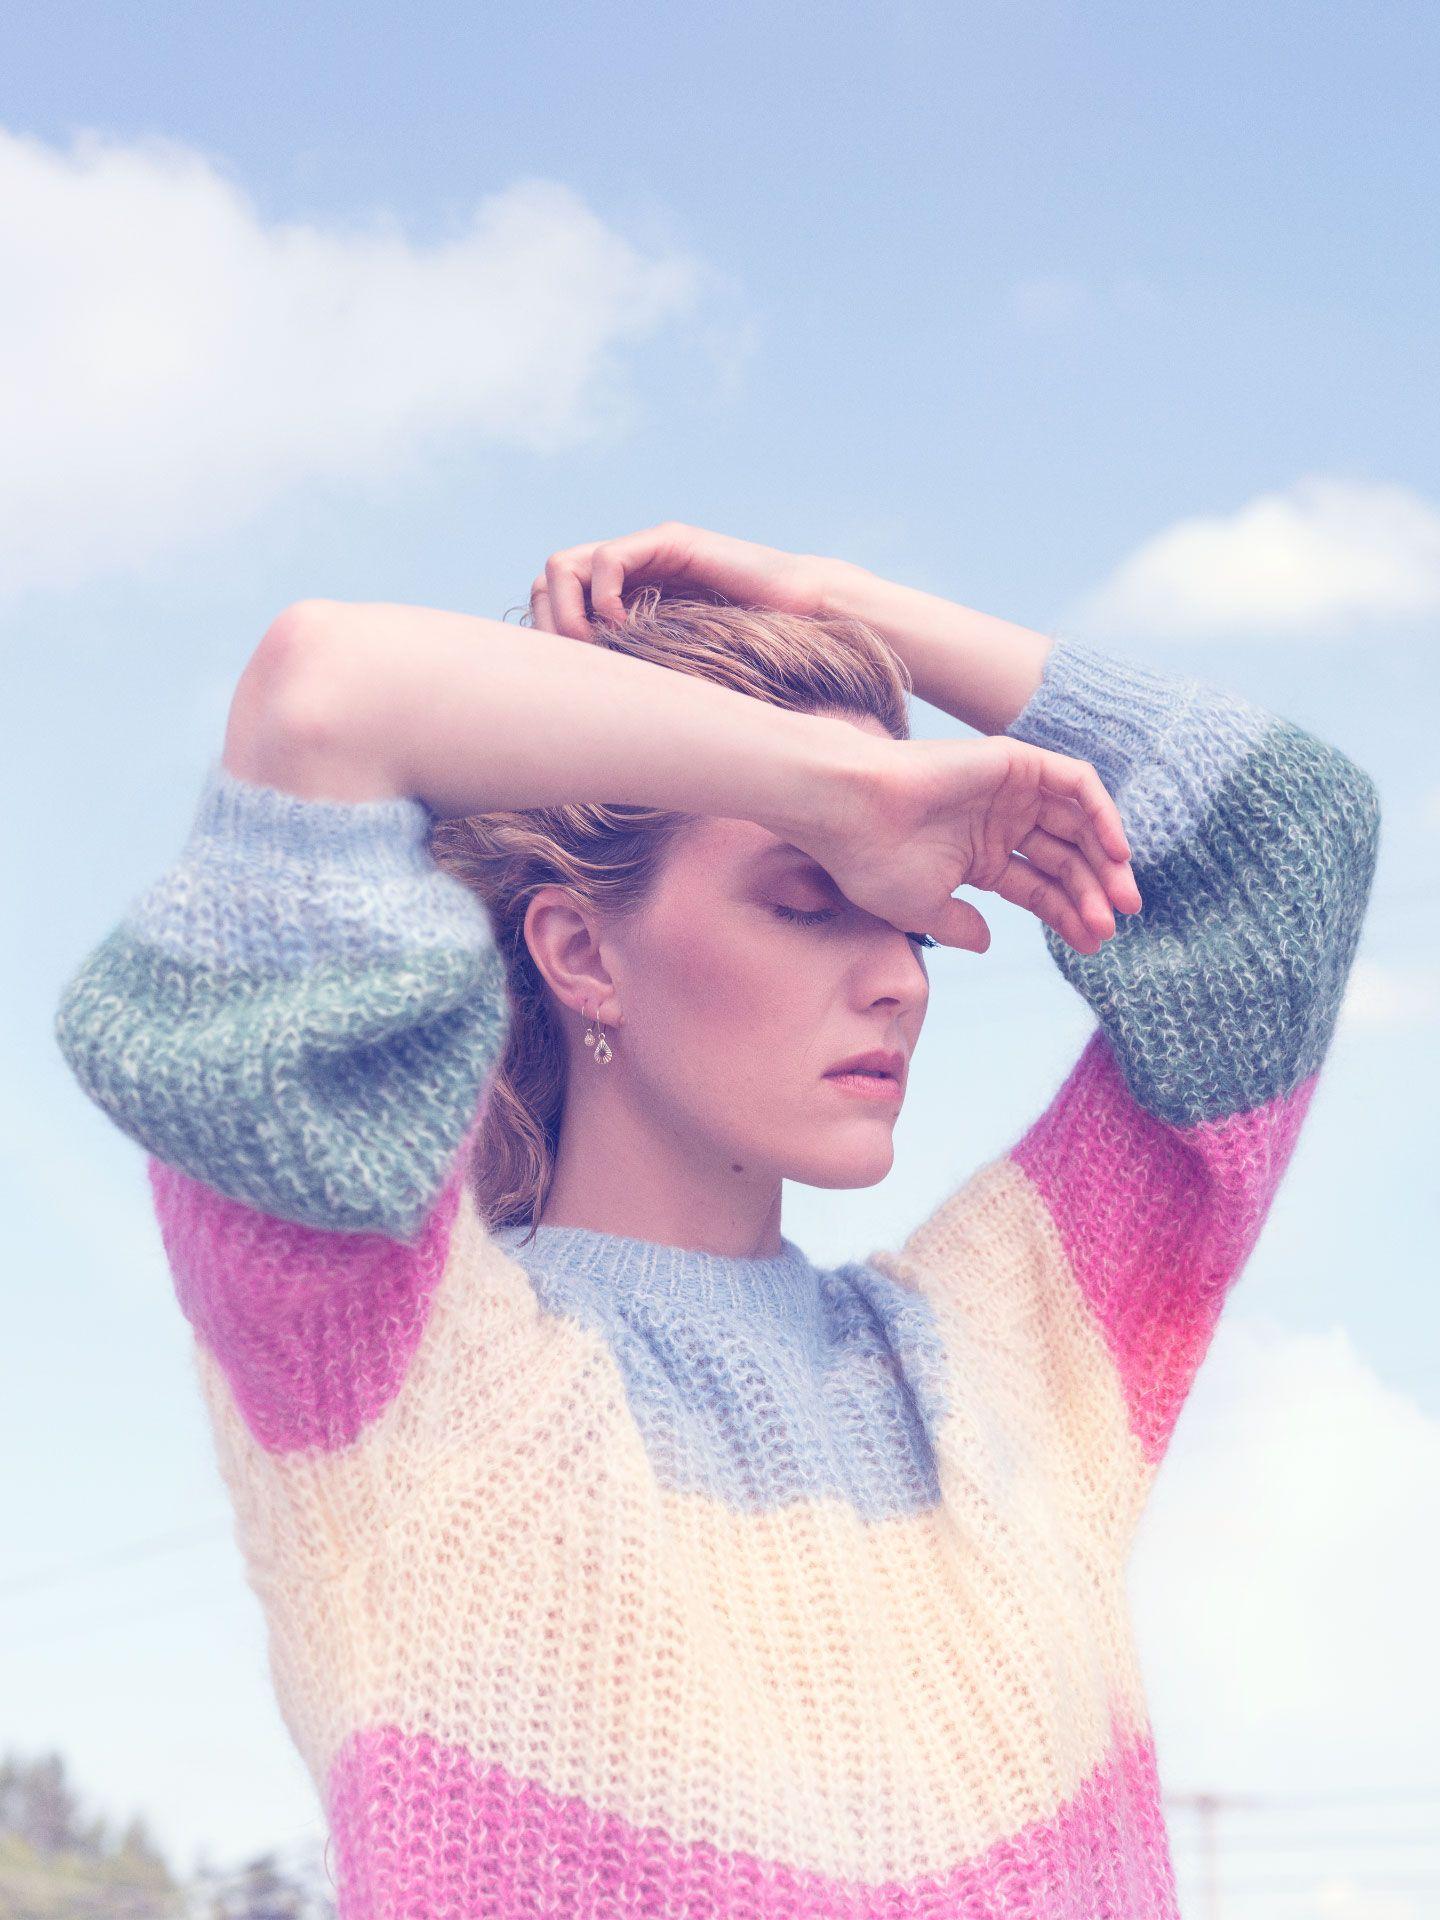 Evelyne Brochu, les bras en l'air, la tête dans la nature.